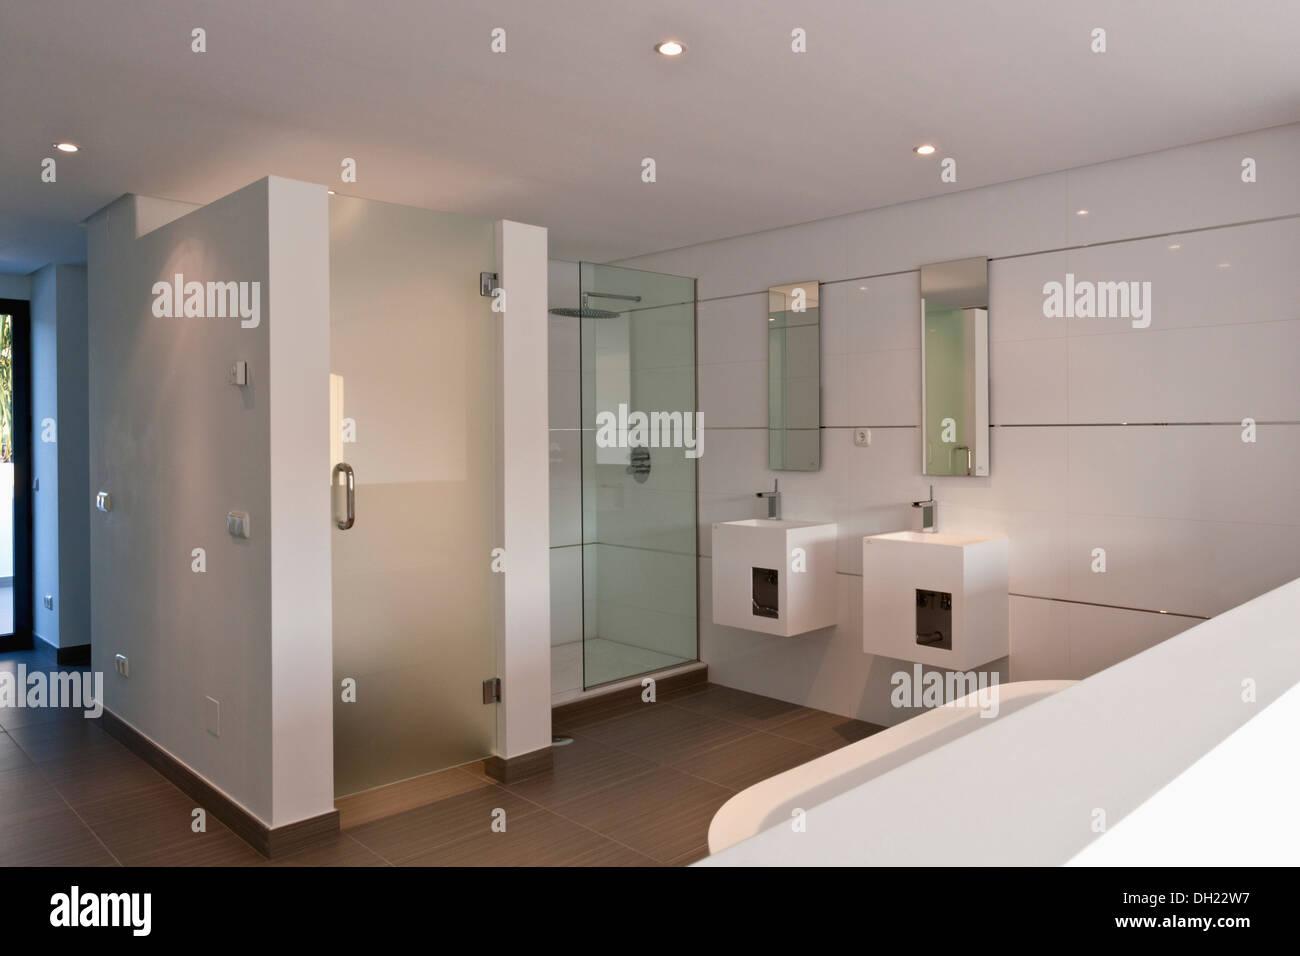 Doppel-Duschen und Becken in quadratischen Waschtischunterschränke ...